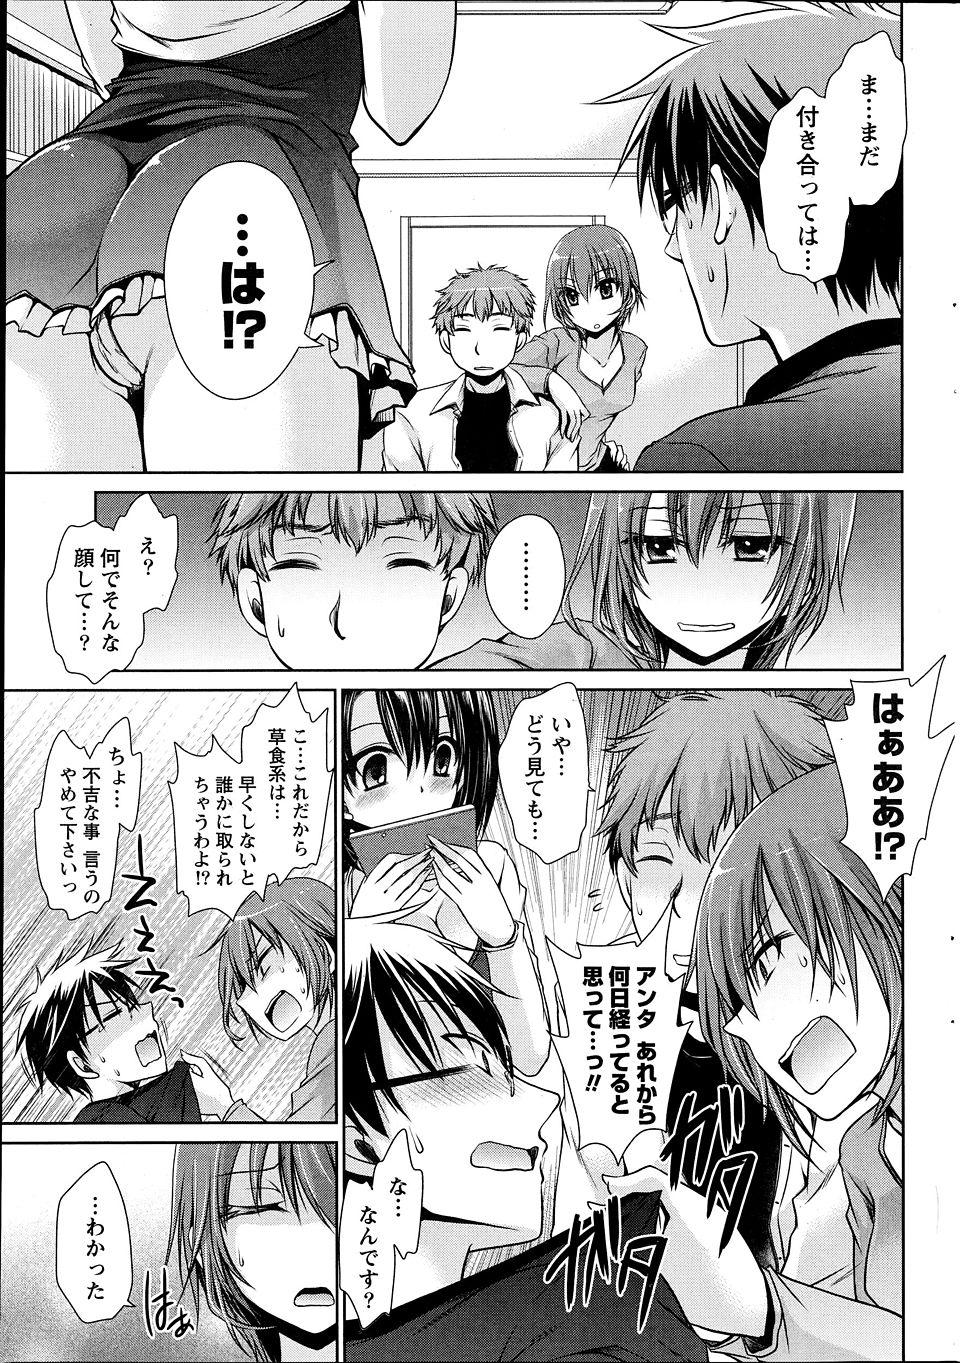 【エロ漫画・エロ同人】好きだった巨乳娘と付き合うようになってドキドキ初エッチwww (5)